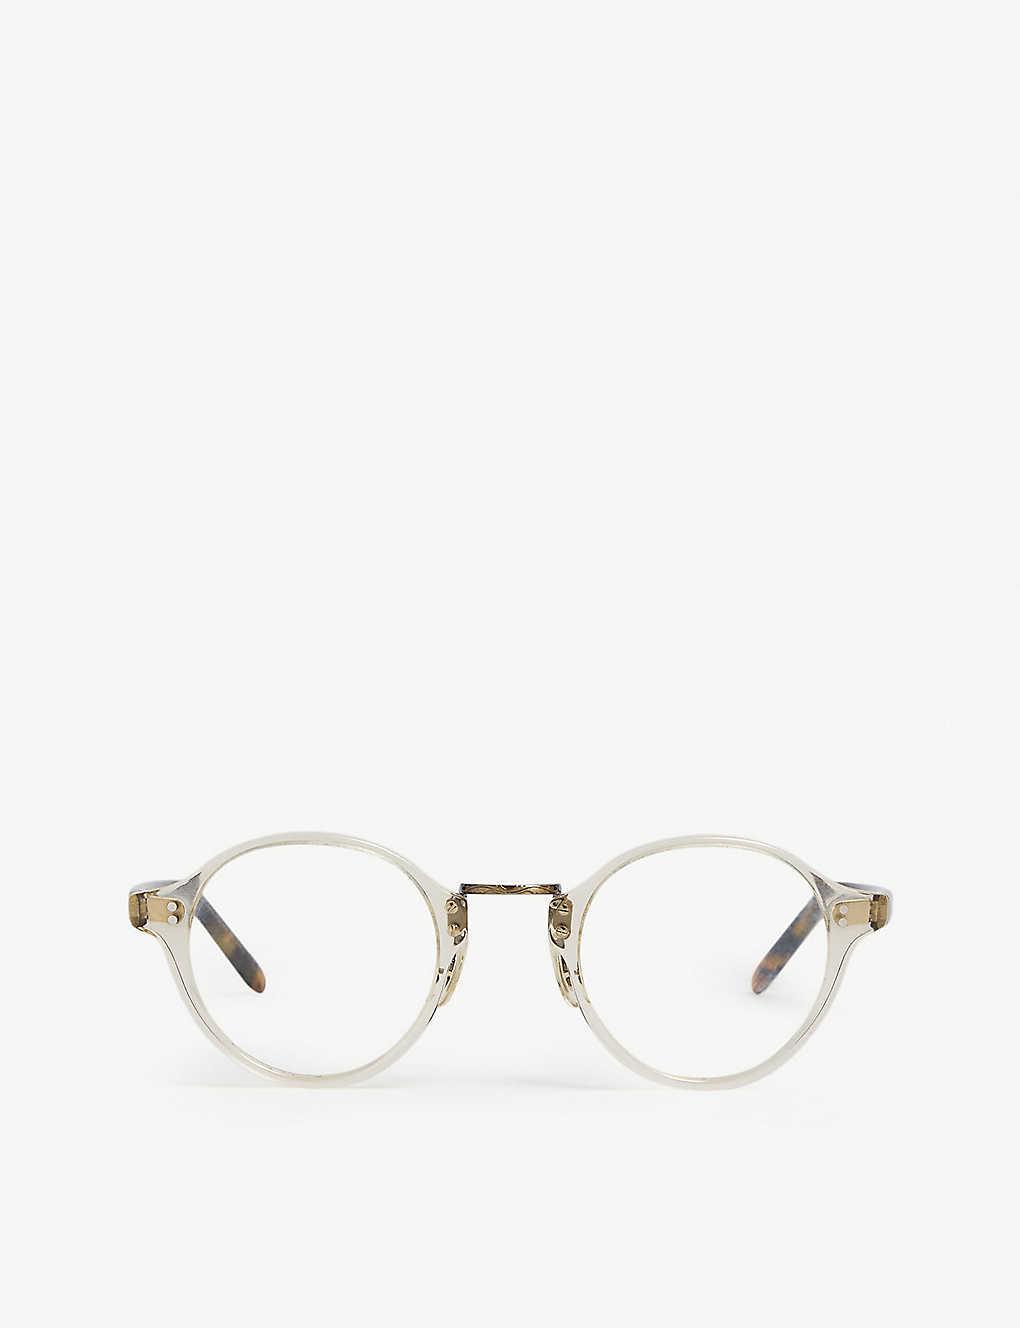 6db90c5571 OLIVER PEOPLES - OP-1955 phantos round glasses